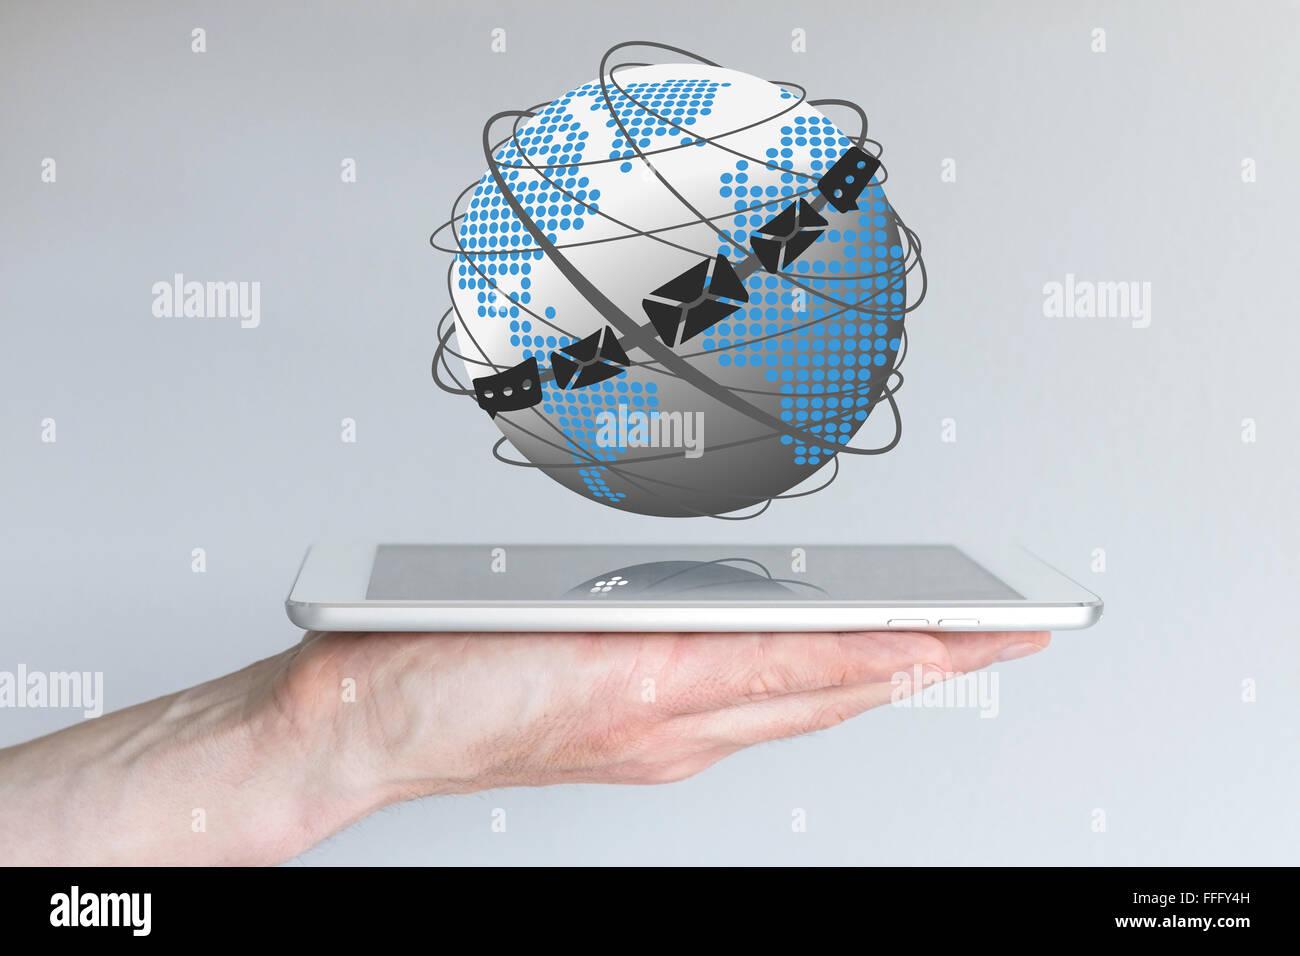 Concetto di comunicazione globale via e-mail, chat e messaggistica Immagini Stock